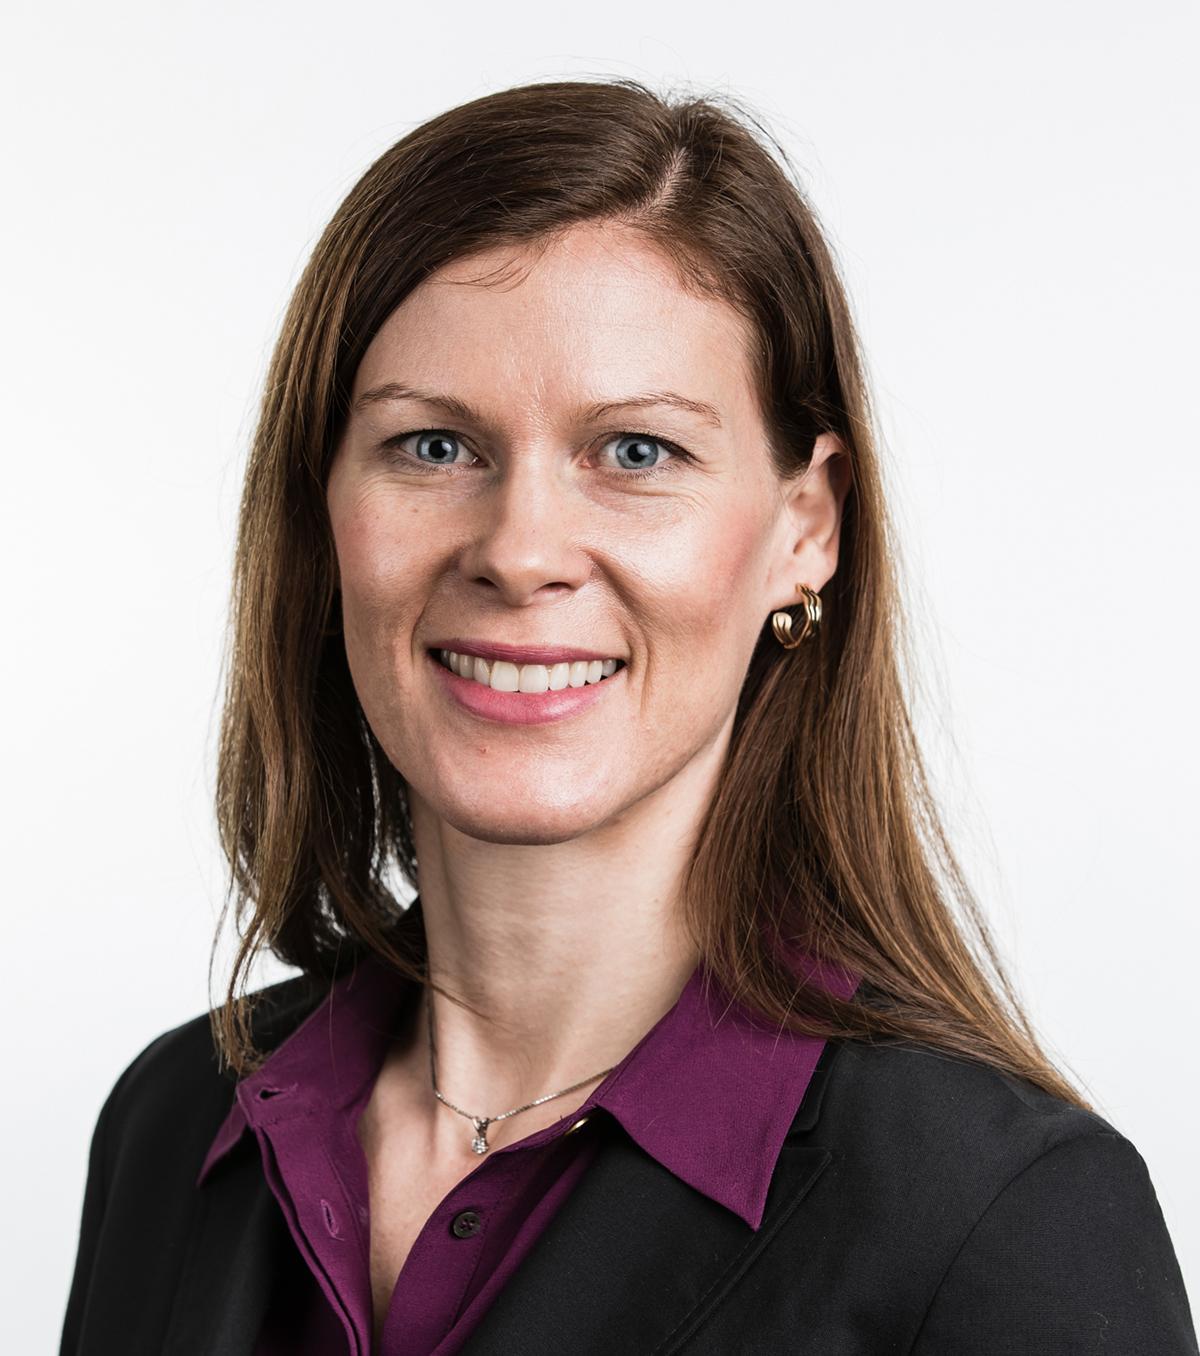 Avoin työpaikka: Head of Power Markets - Ilmatar Windpower Oyj / InHunt Group Oy, Helsinki.